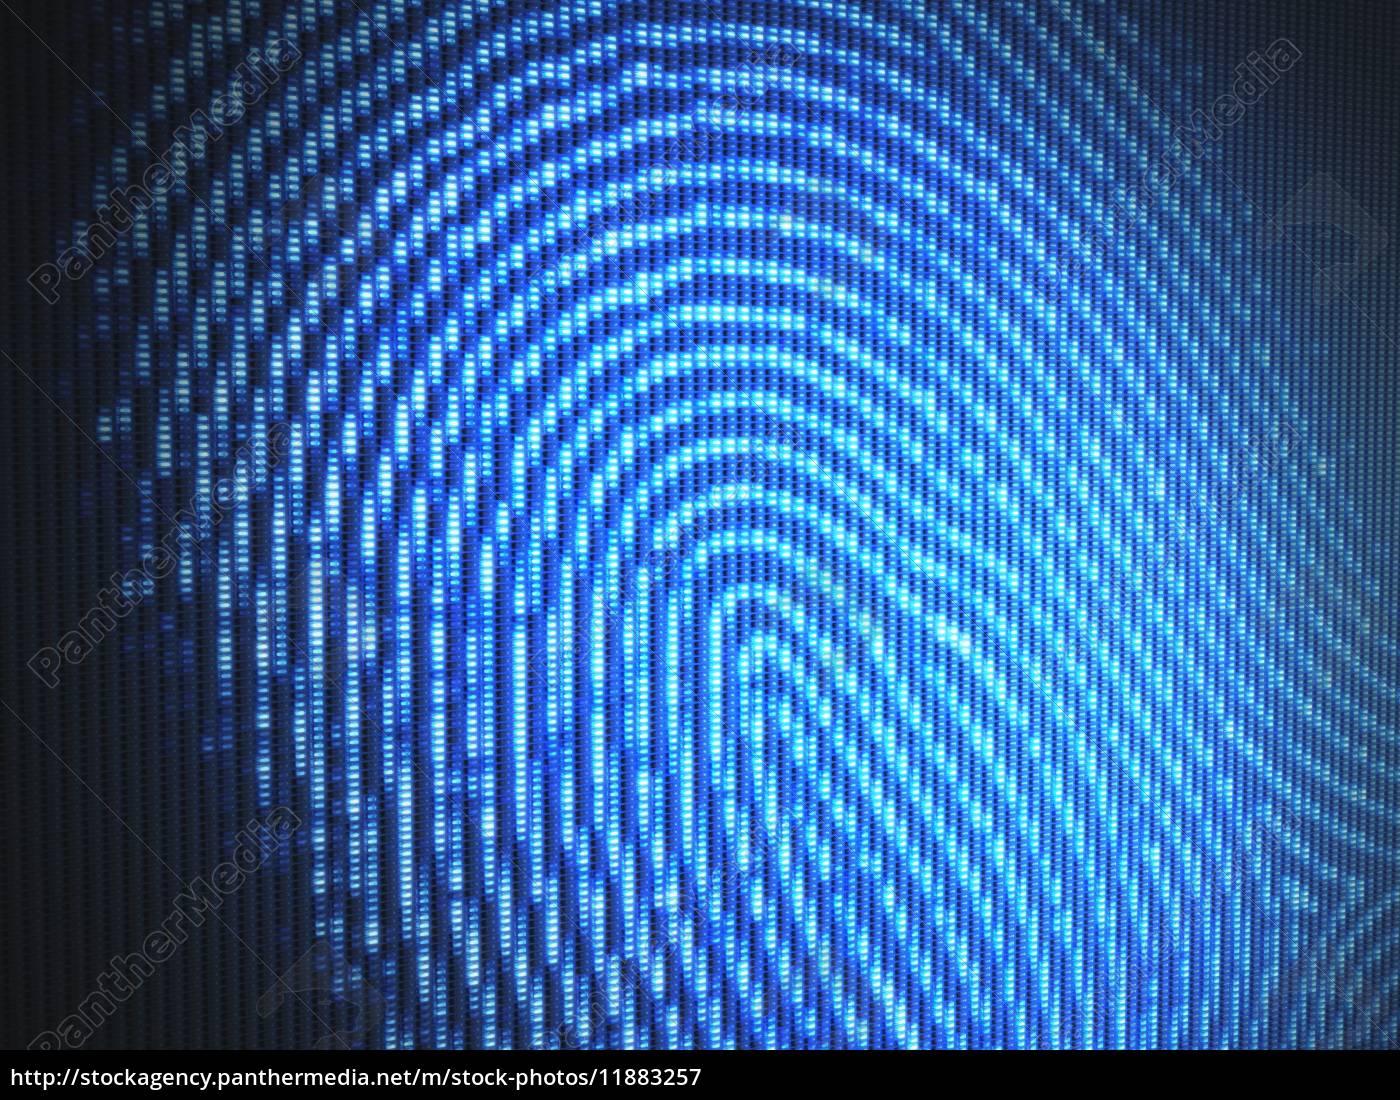 fingerabdruck - 11883257